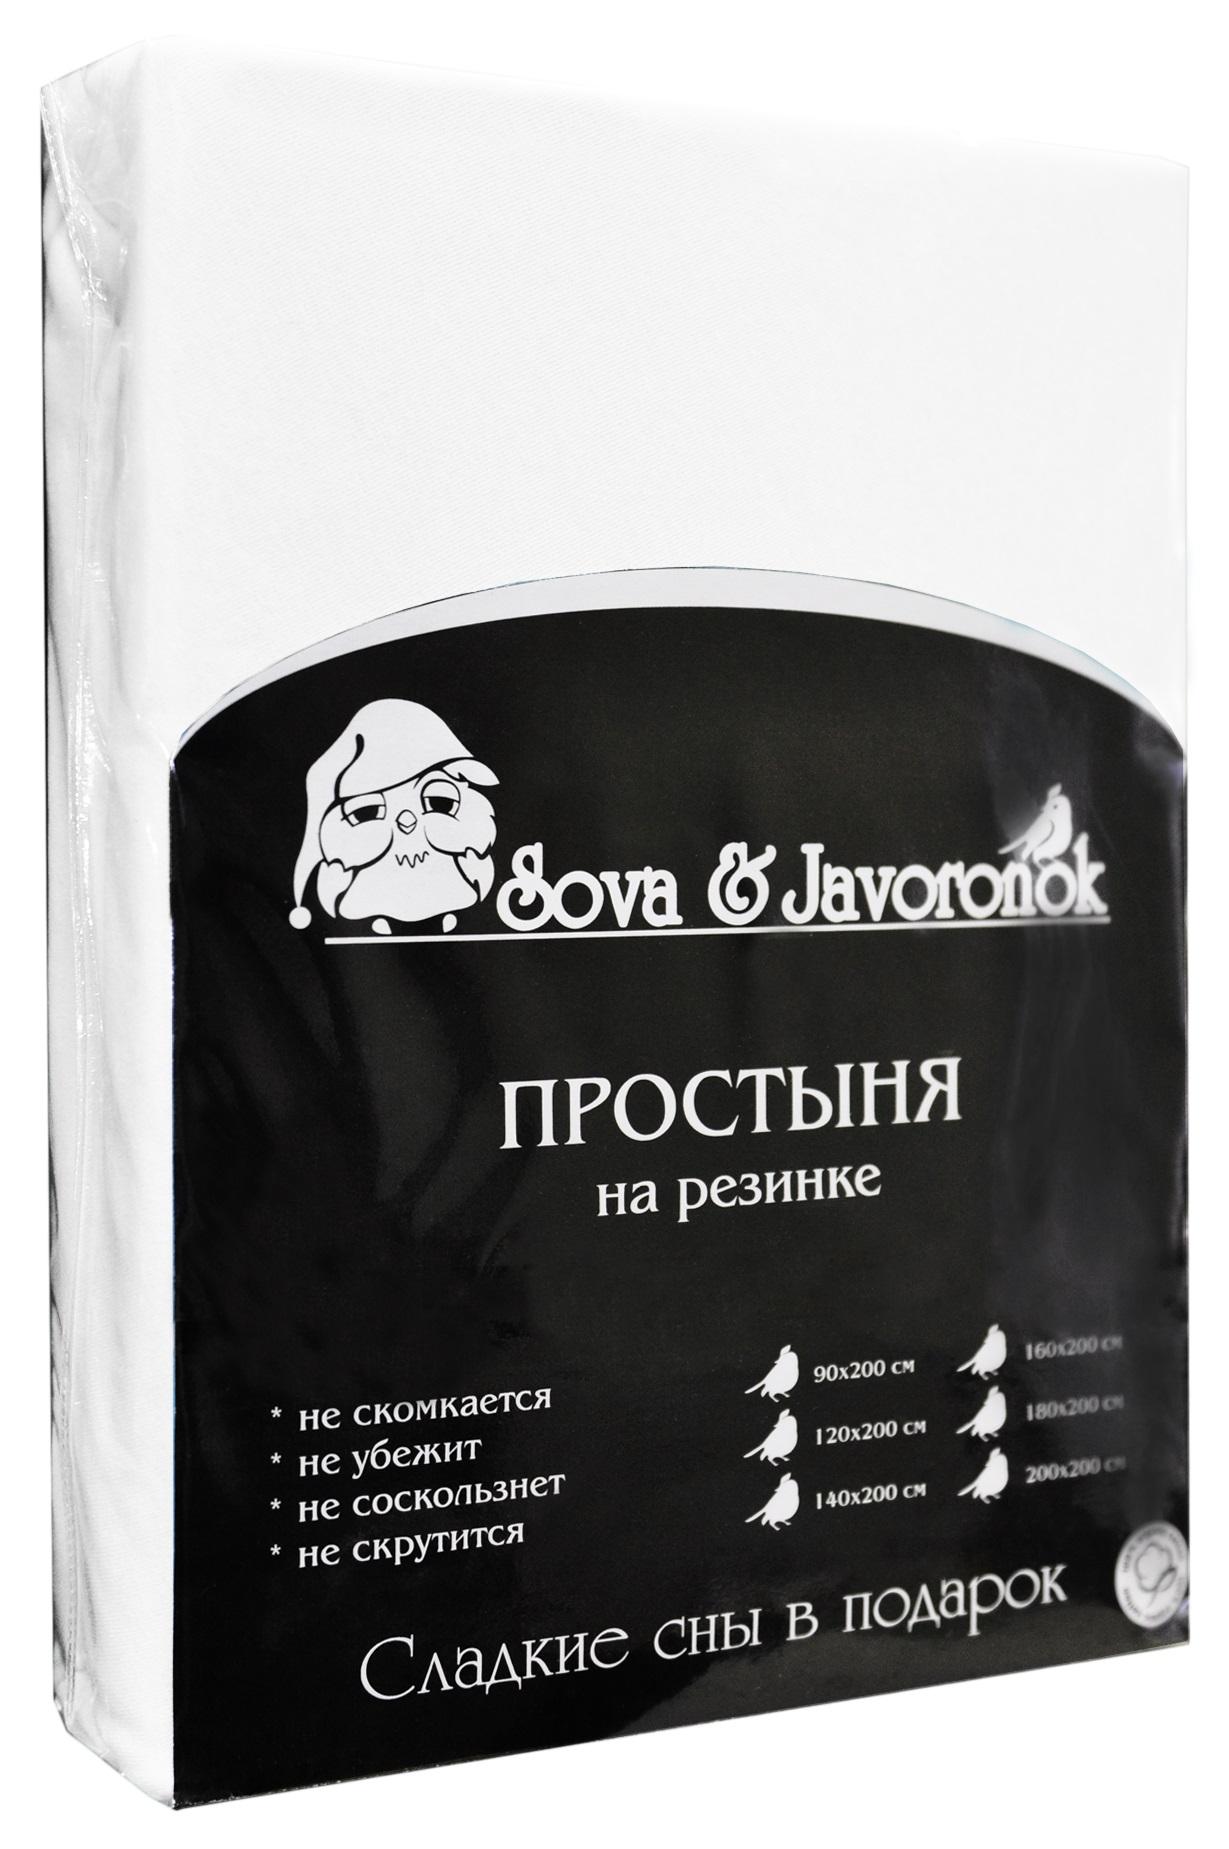 Простыня на резинке Sova & Javoronok, цвет: белый, 180 х 200 смОЧХ-90х200Простыня на резинке Sova & Javoronok, изготовленная из трикотажной ткани (100% хлопок), будет превосходно смотреться с любыми комплектами белья. Хлопчатобумажный трикотаж по праву считается одним из самых качественных, прочных и при этом приятных на ощупь. Его гигиеничность позволяет использовать простыню и в детских комнатах, к тому же 100%-ый хлопок в составе ткани не вызовет аллергии. У трикотажного полотна очень интересная структура, немного рыхлая за счет отсутствия плотного переплетения нитей и наличия особых петель, благодаря этому простыня Сова и Жаворонок отлично пропускает воздух и способствует его постоянной циркуляции. Поэтому ваша постель будет всегда оставаться свежей. Но главное и, пожалуй, самое известное свойство трикотажа - это его великолепная растяжимость, поэтому эта ткань и была выбрана для натяжной простыни на резинке. Простыня прошита резинкой по всему периметру, что обеспечивает более комфортный отдых, так как она прочно удерживается на матрасе и избавляет от необходимости часто поправлять простыню.